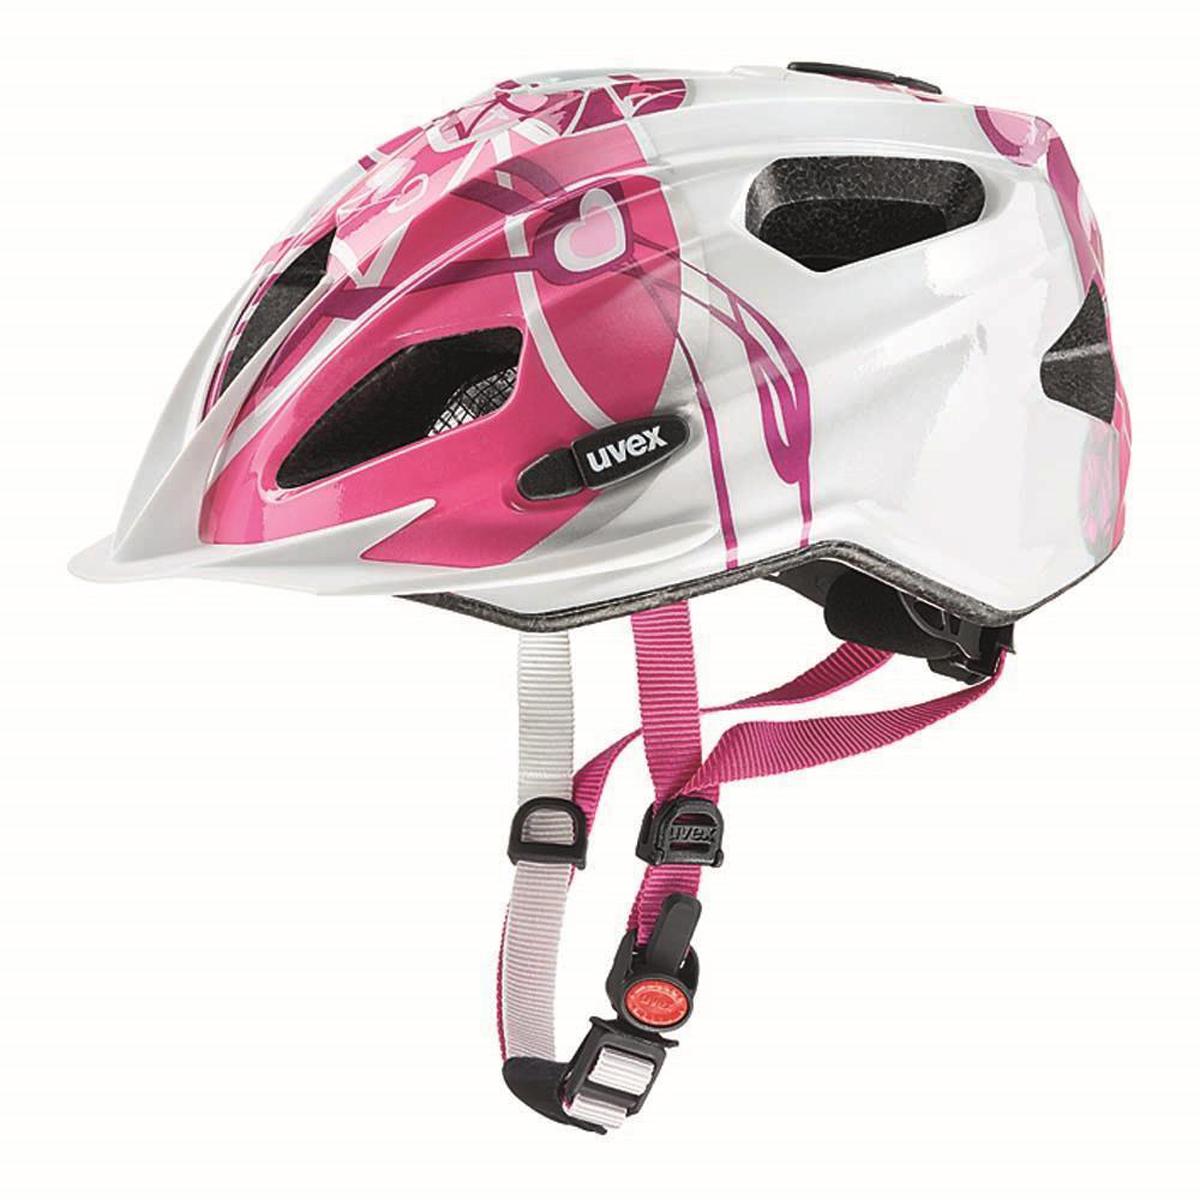 Шлем защитный Uvex Quatro Junior, цвет: розовый, серебристый. Размер XXXS-XS